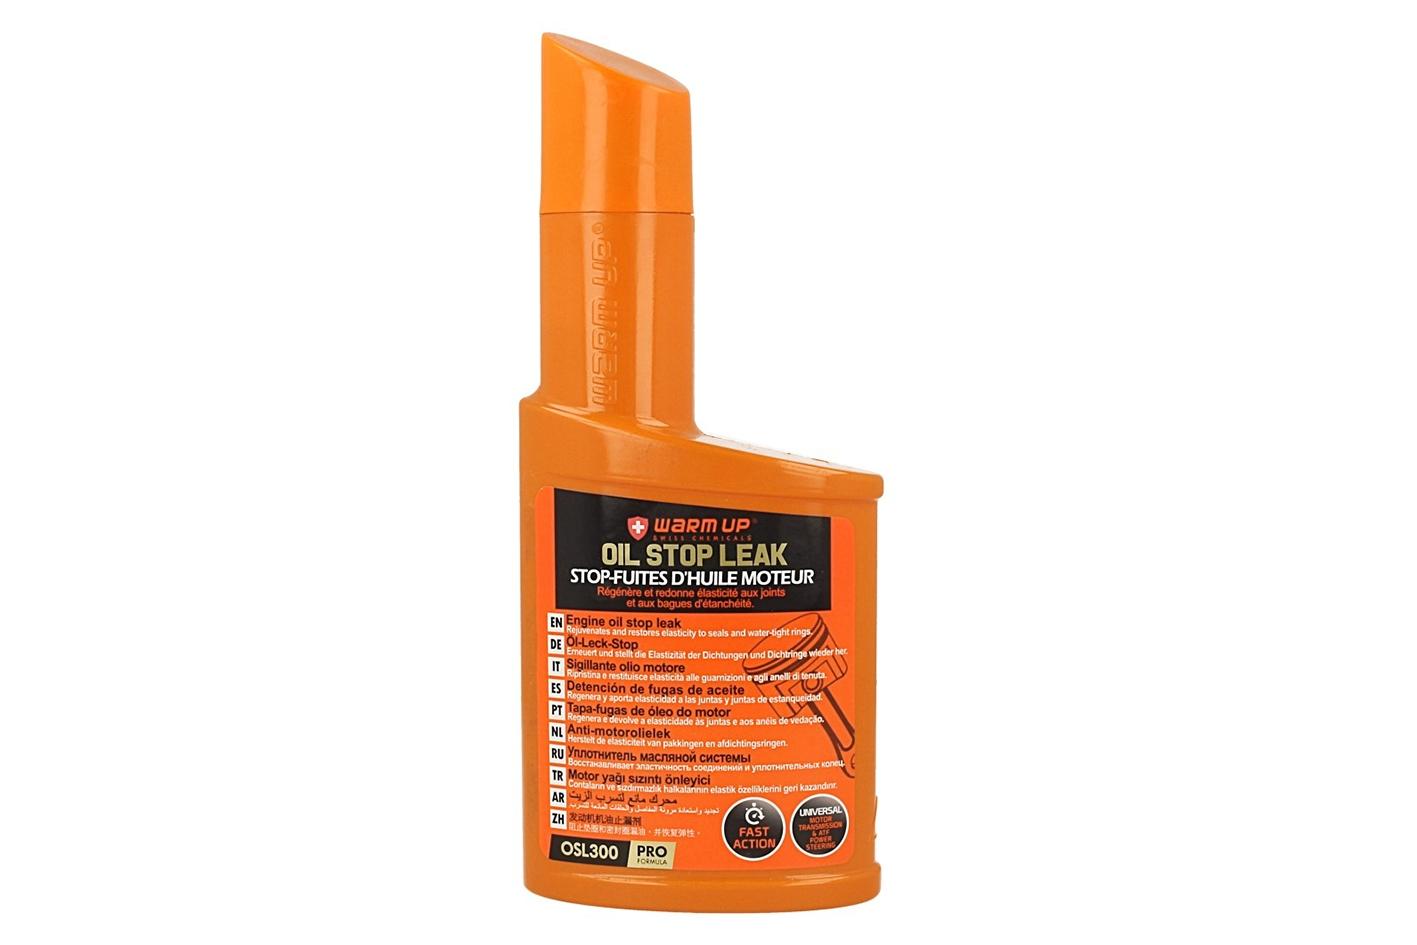 WARM UP Oil Stop Leak Rigenerante dei Giunti Antifuga Motore Cambio Manuale Differenziale Sterzo ATF 300ml - PZ